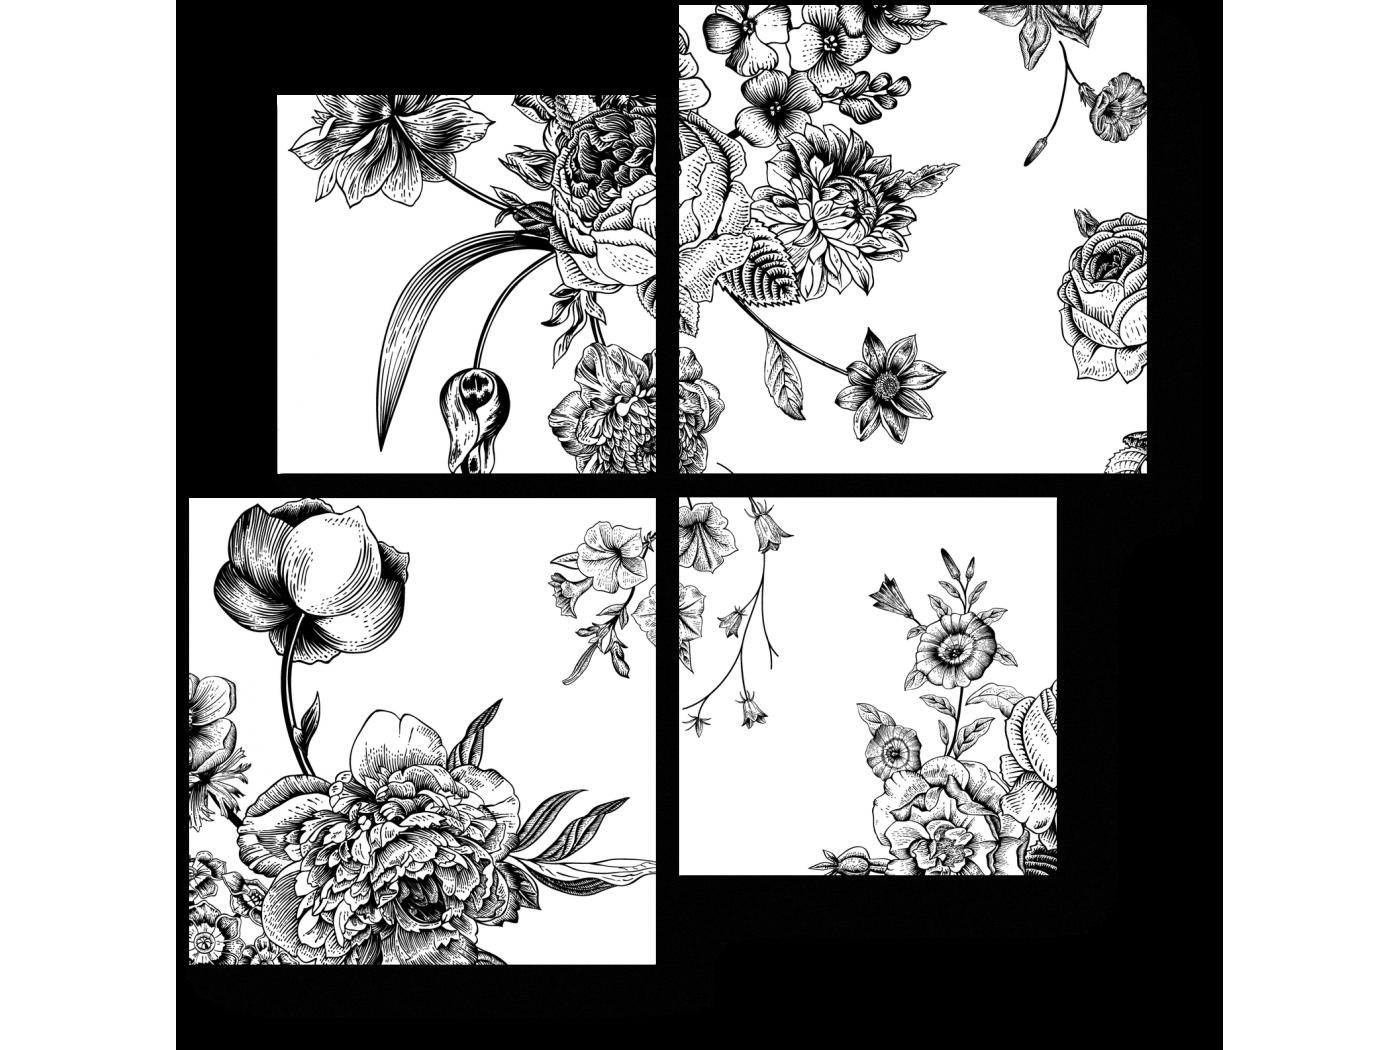 суммы времени картинки для распечатки триплекса бесплатно красивые картинки